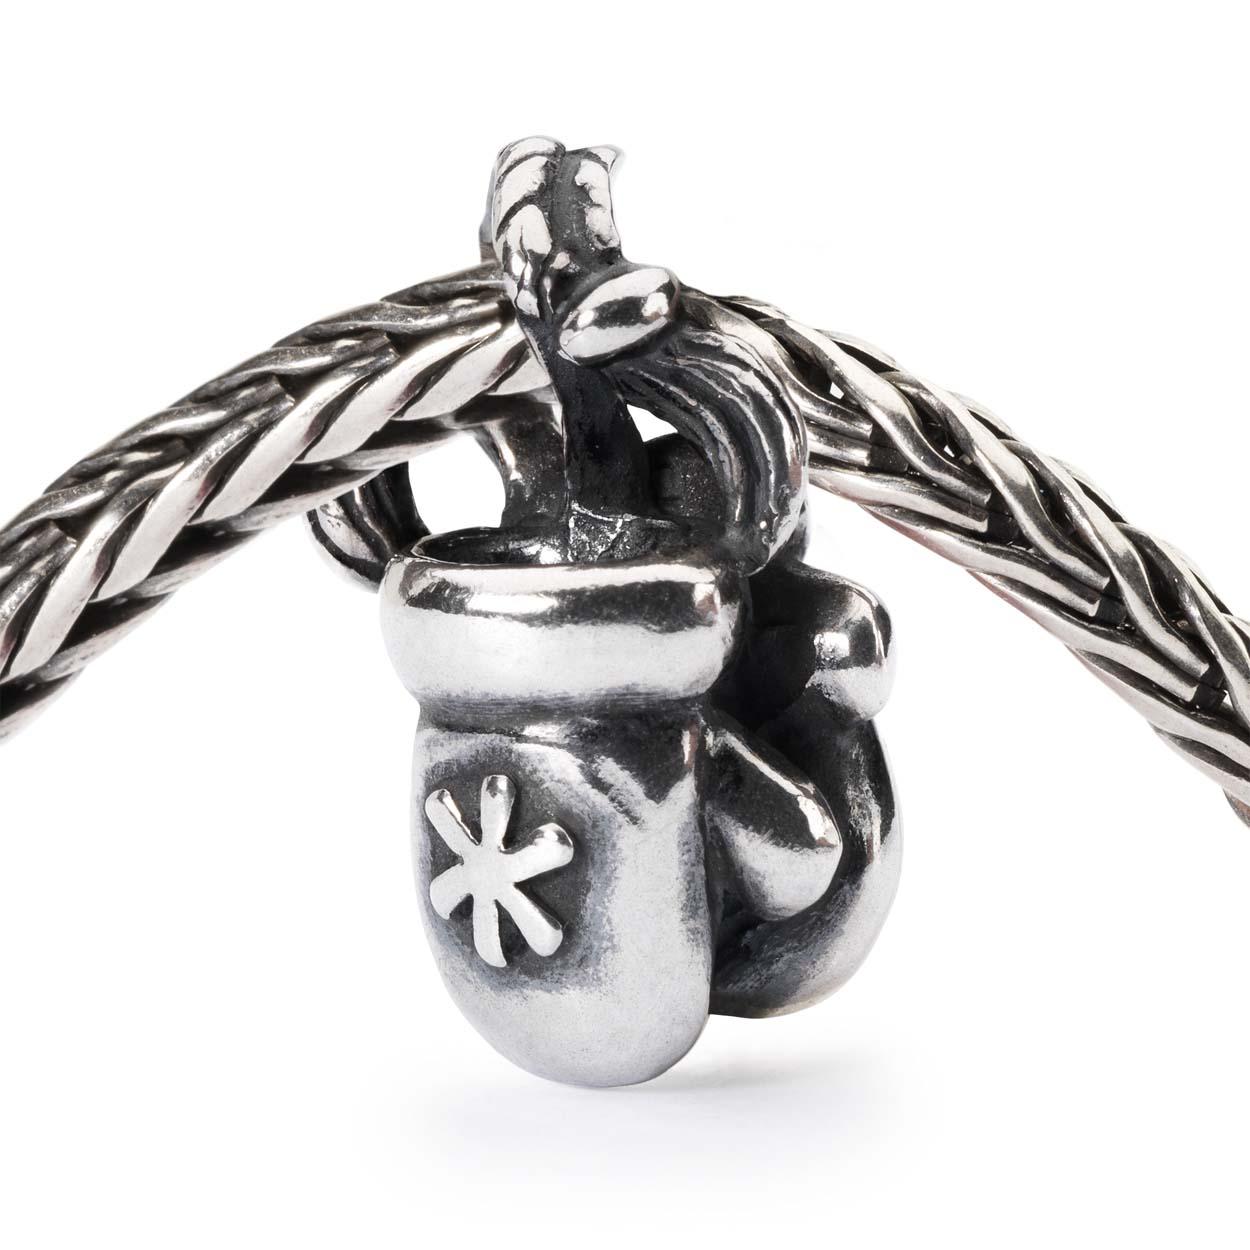 TAGBE-30123 Mittens chain